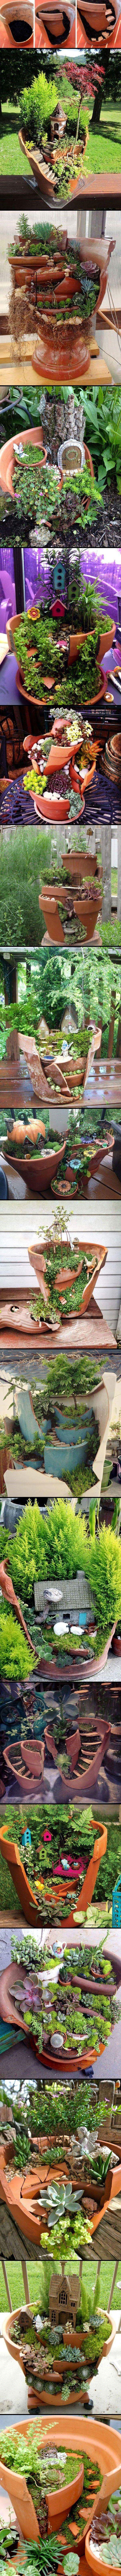 Diese Deko ist einfach wunderschön. Man kann echte Hobbit-Landschaften erschaffen oder kleine Gärten für Feen. ähnliche tolle Projekte und Ideen wie im Bild vorgestellt findest du auch in unserem Magazin . Wir freuen uns auf deinen Besuch. Liebe Gr�